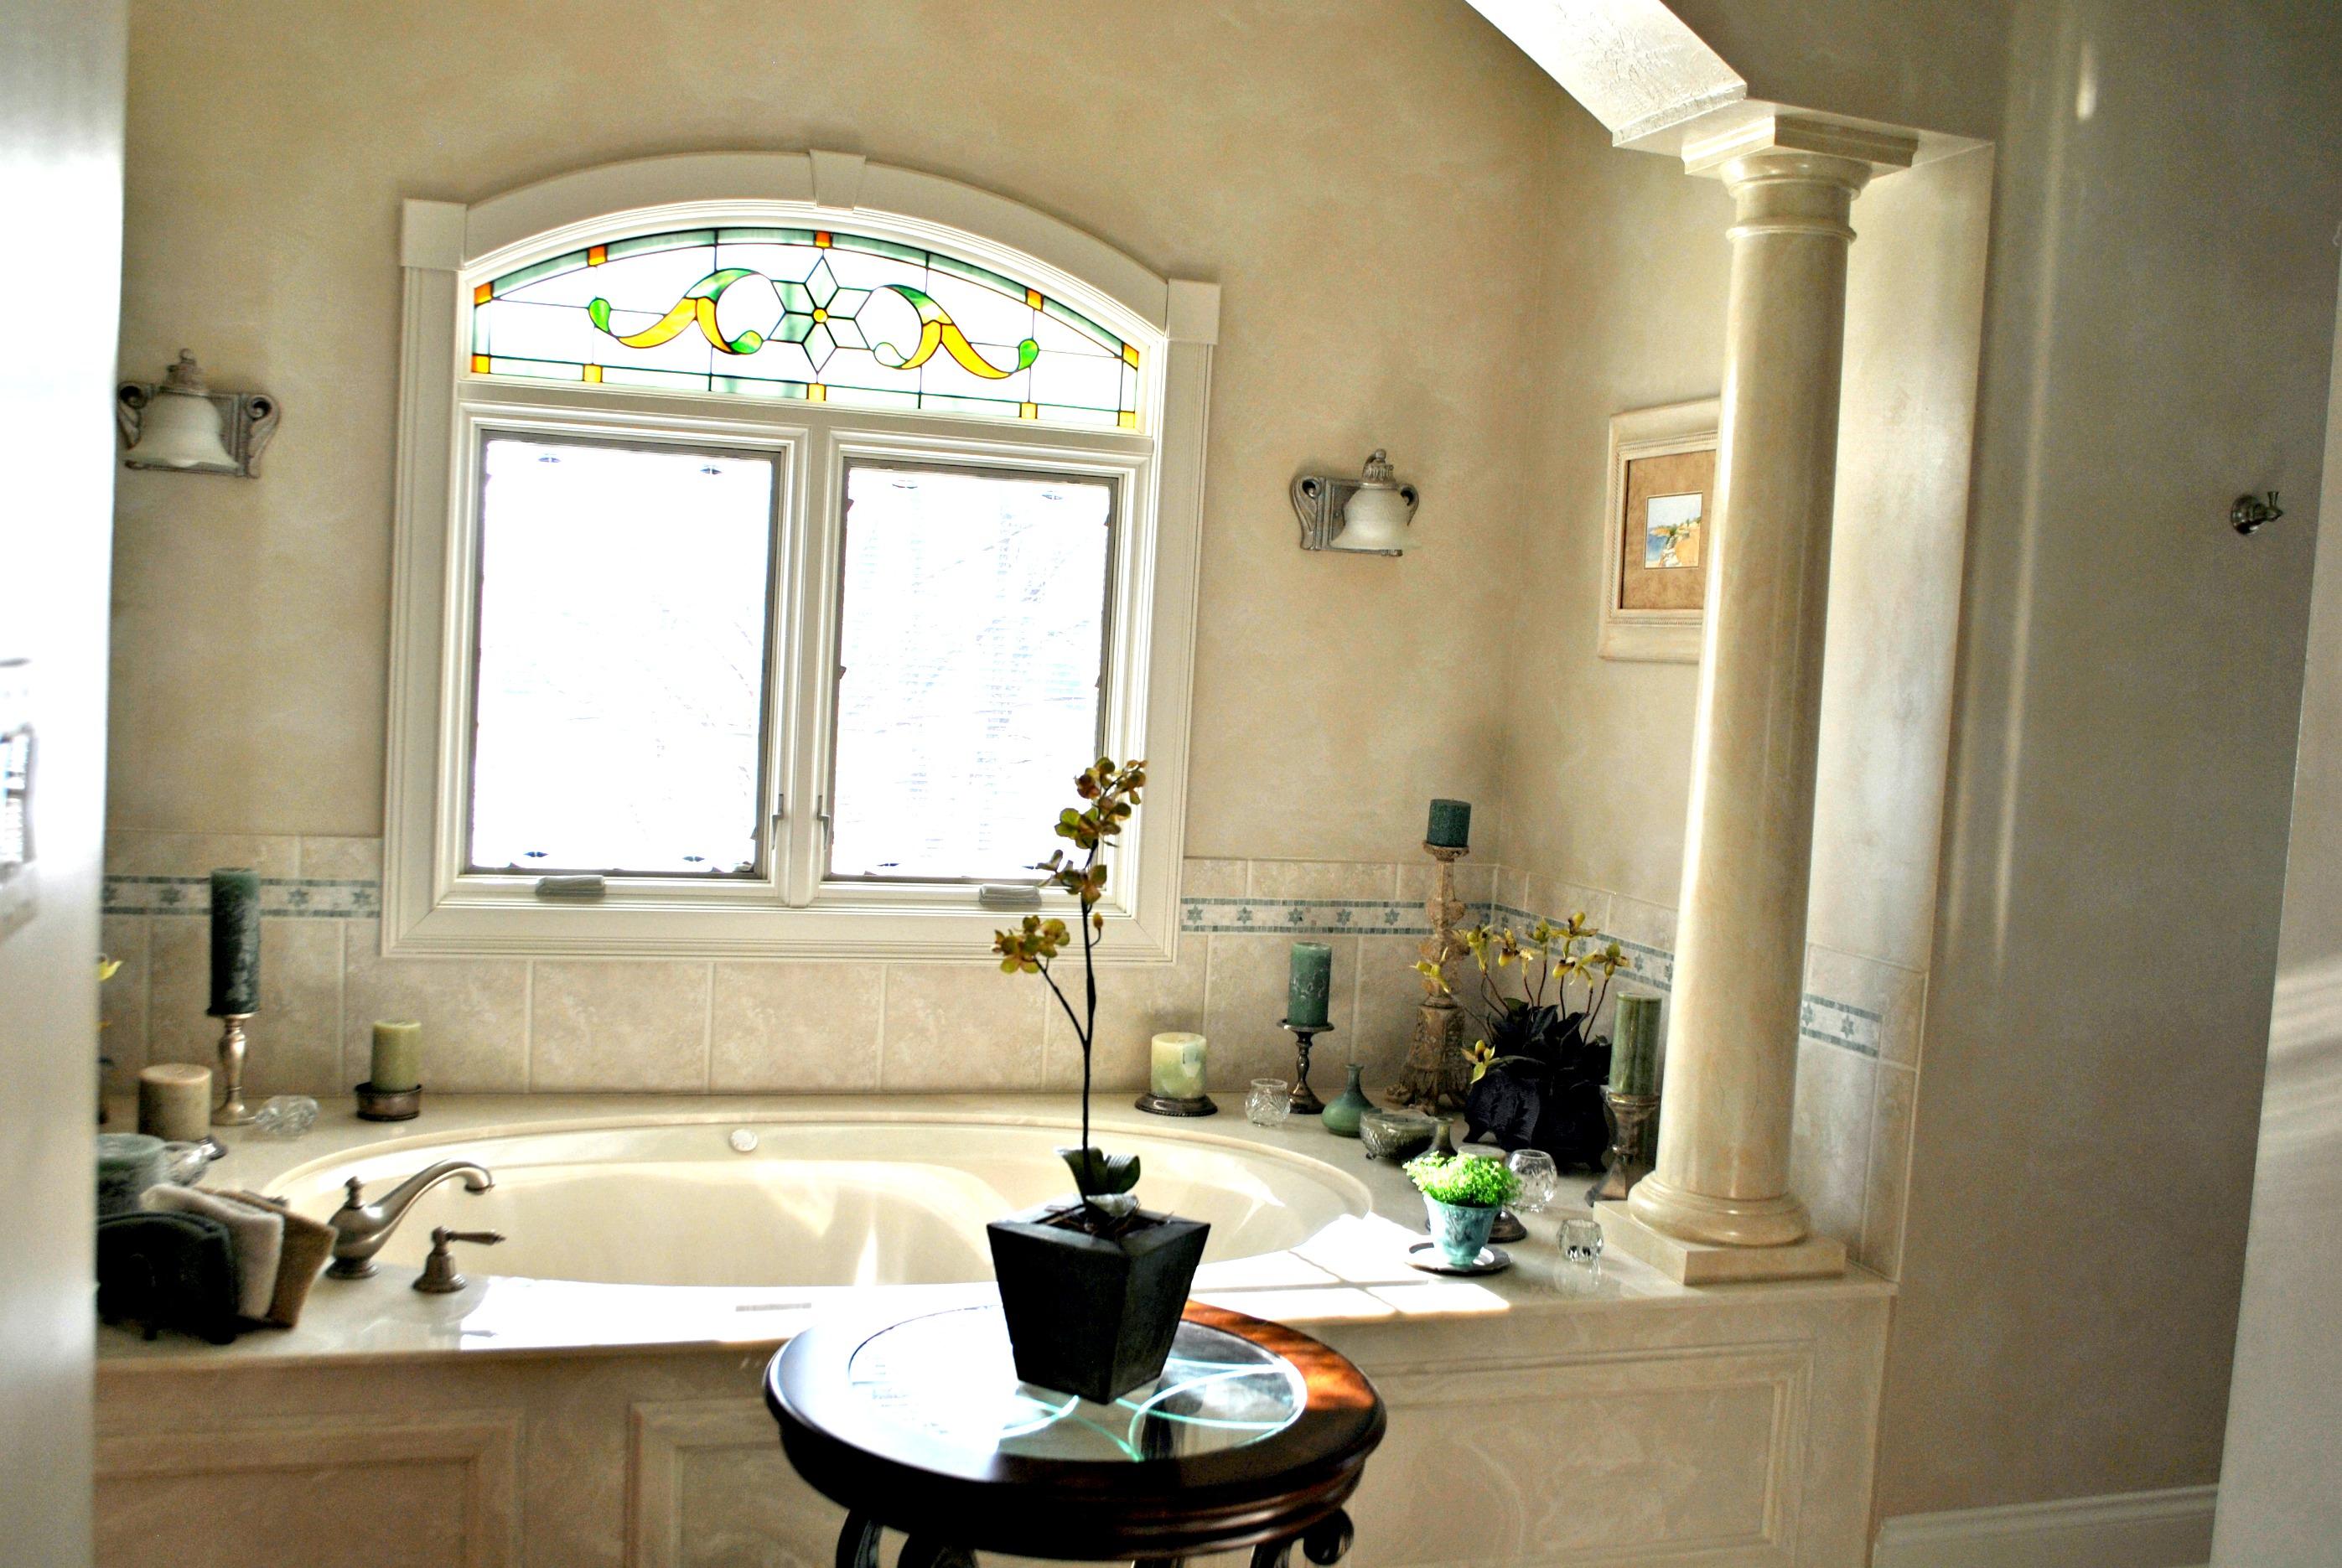 Client's Master Bath